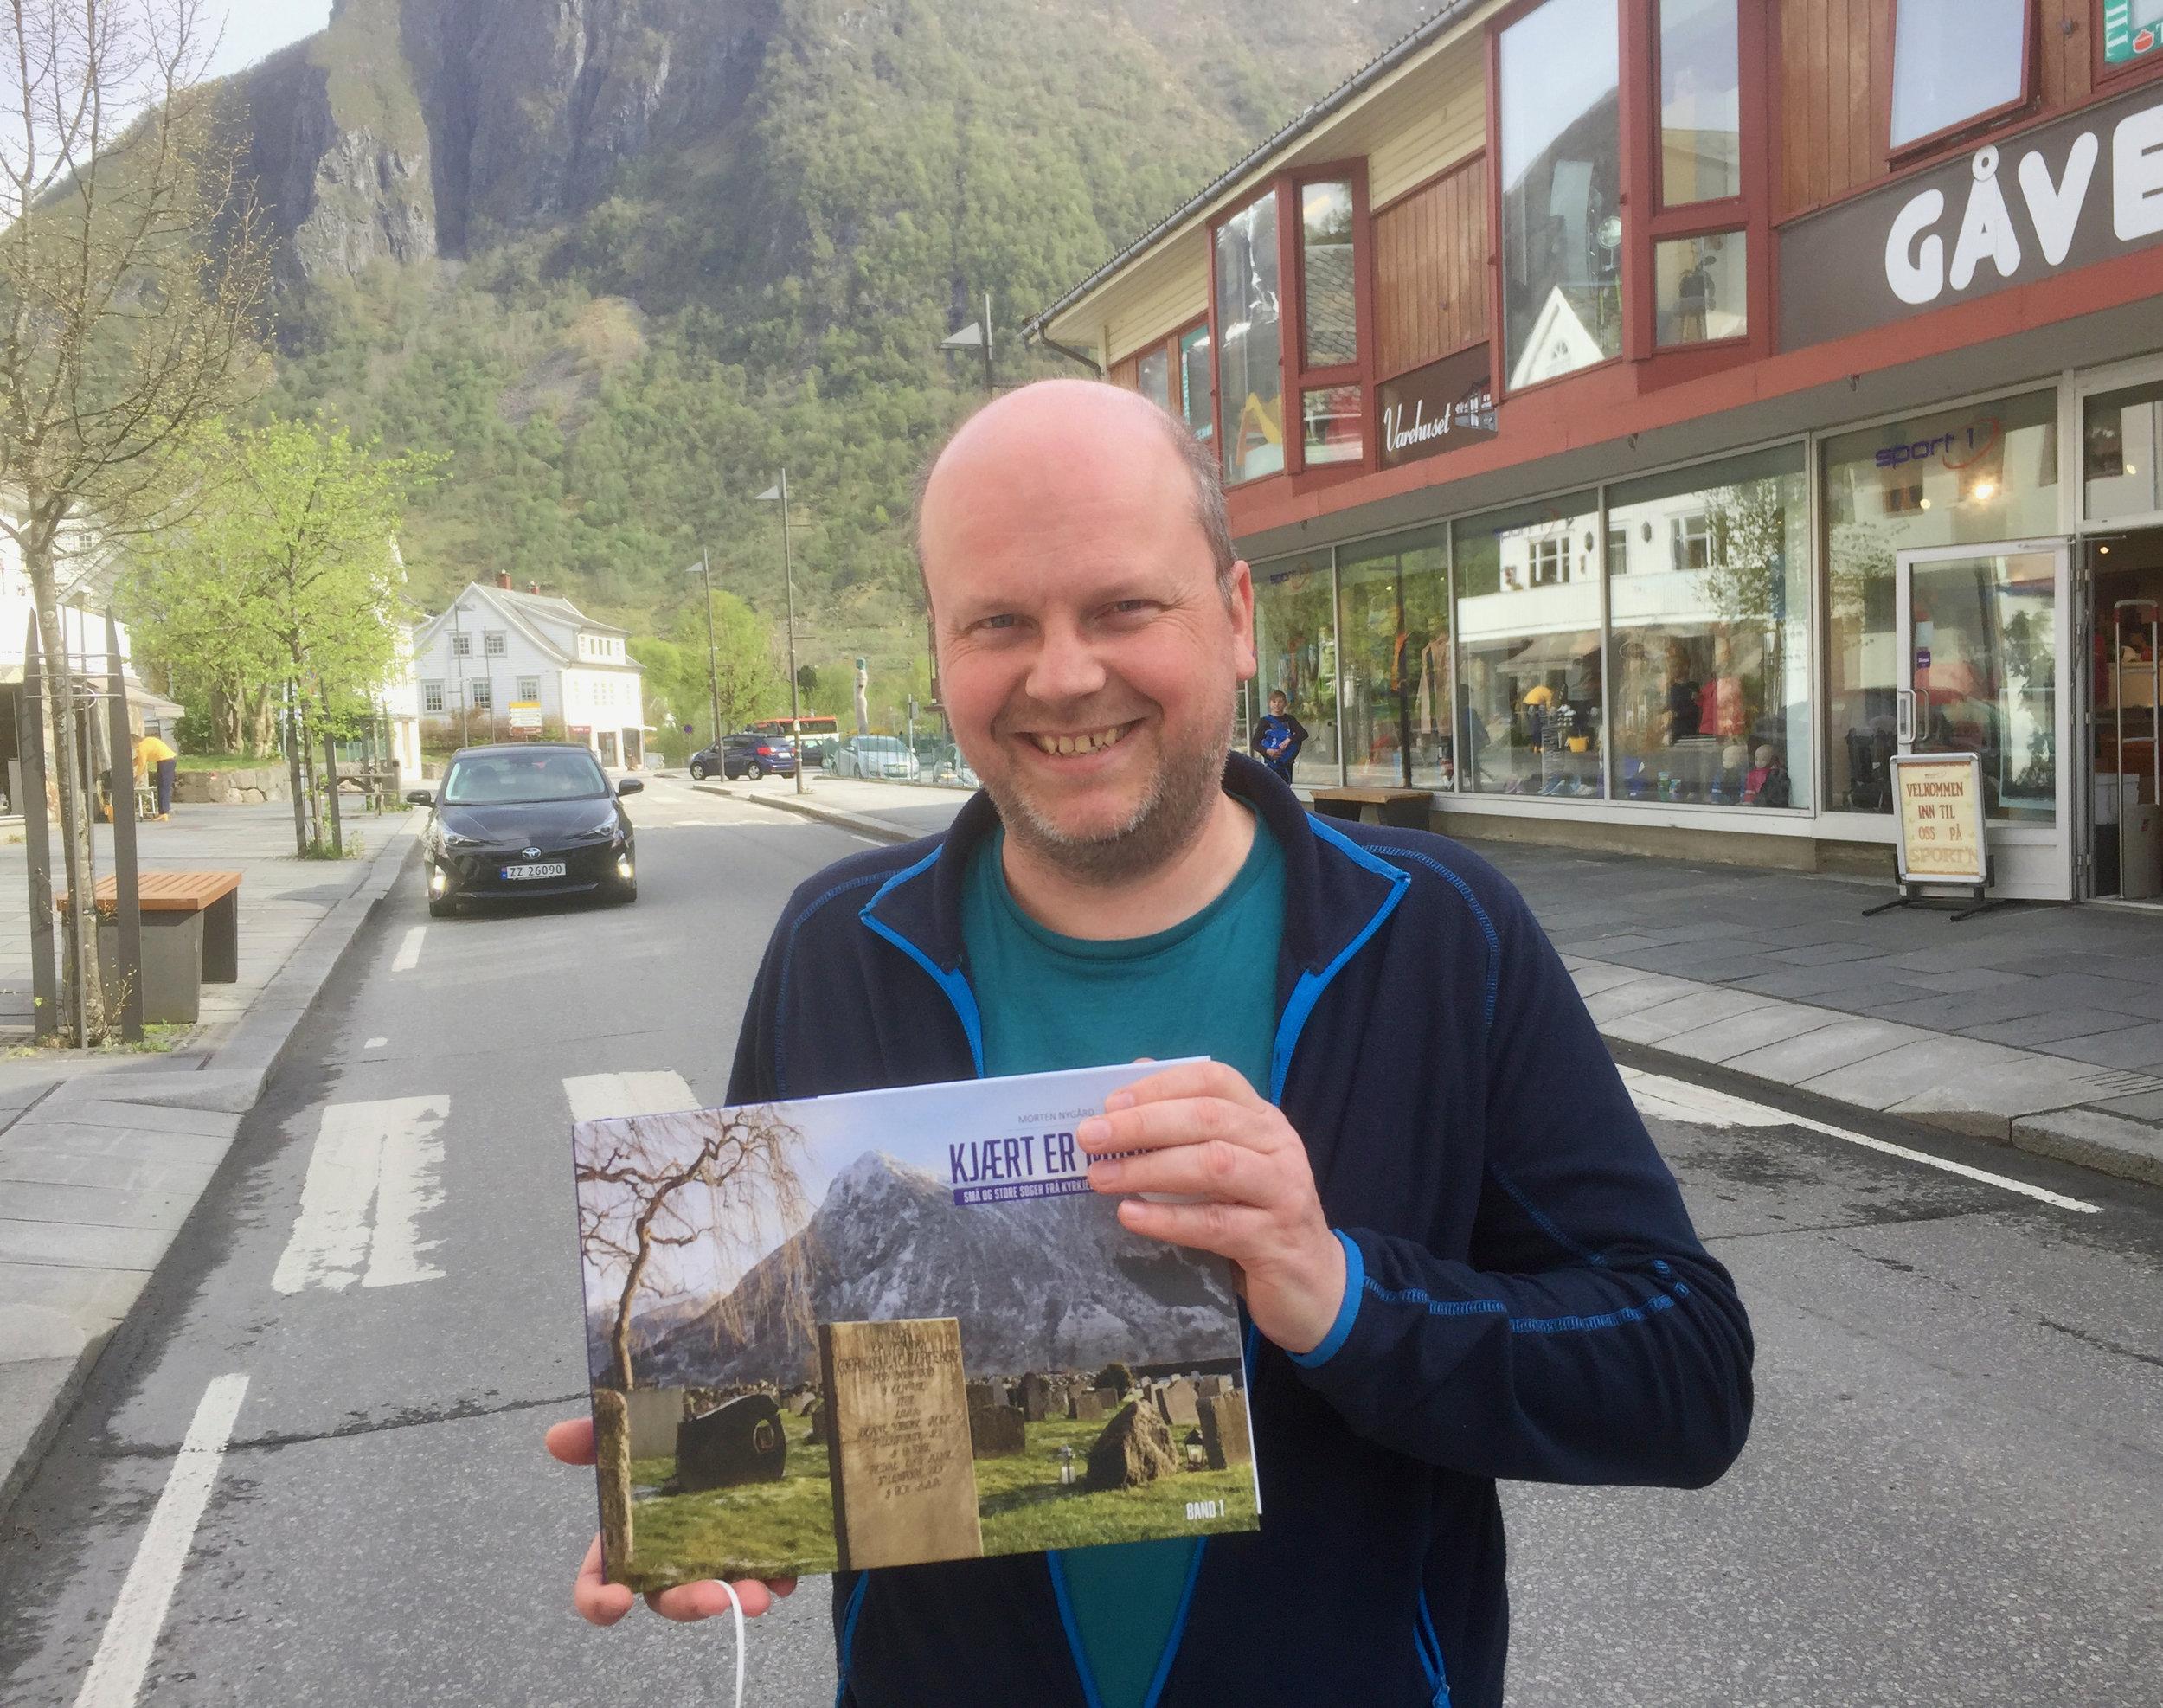 Morten Nygård har gjeve ut ei praktbok, og har planar om ei til med same tema. (Foto: Kristian Hus)